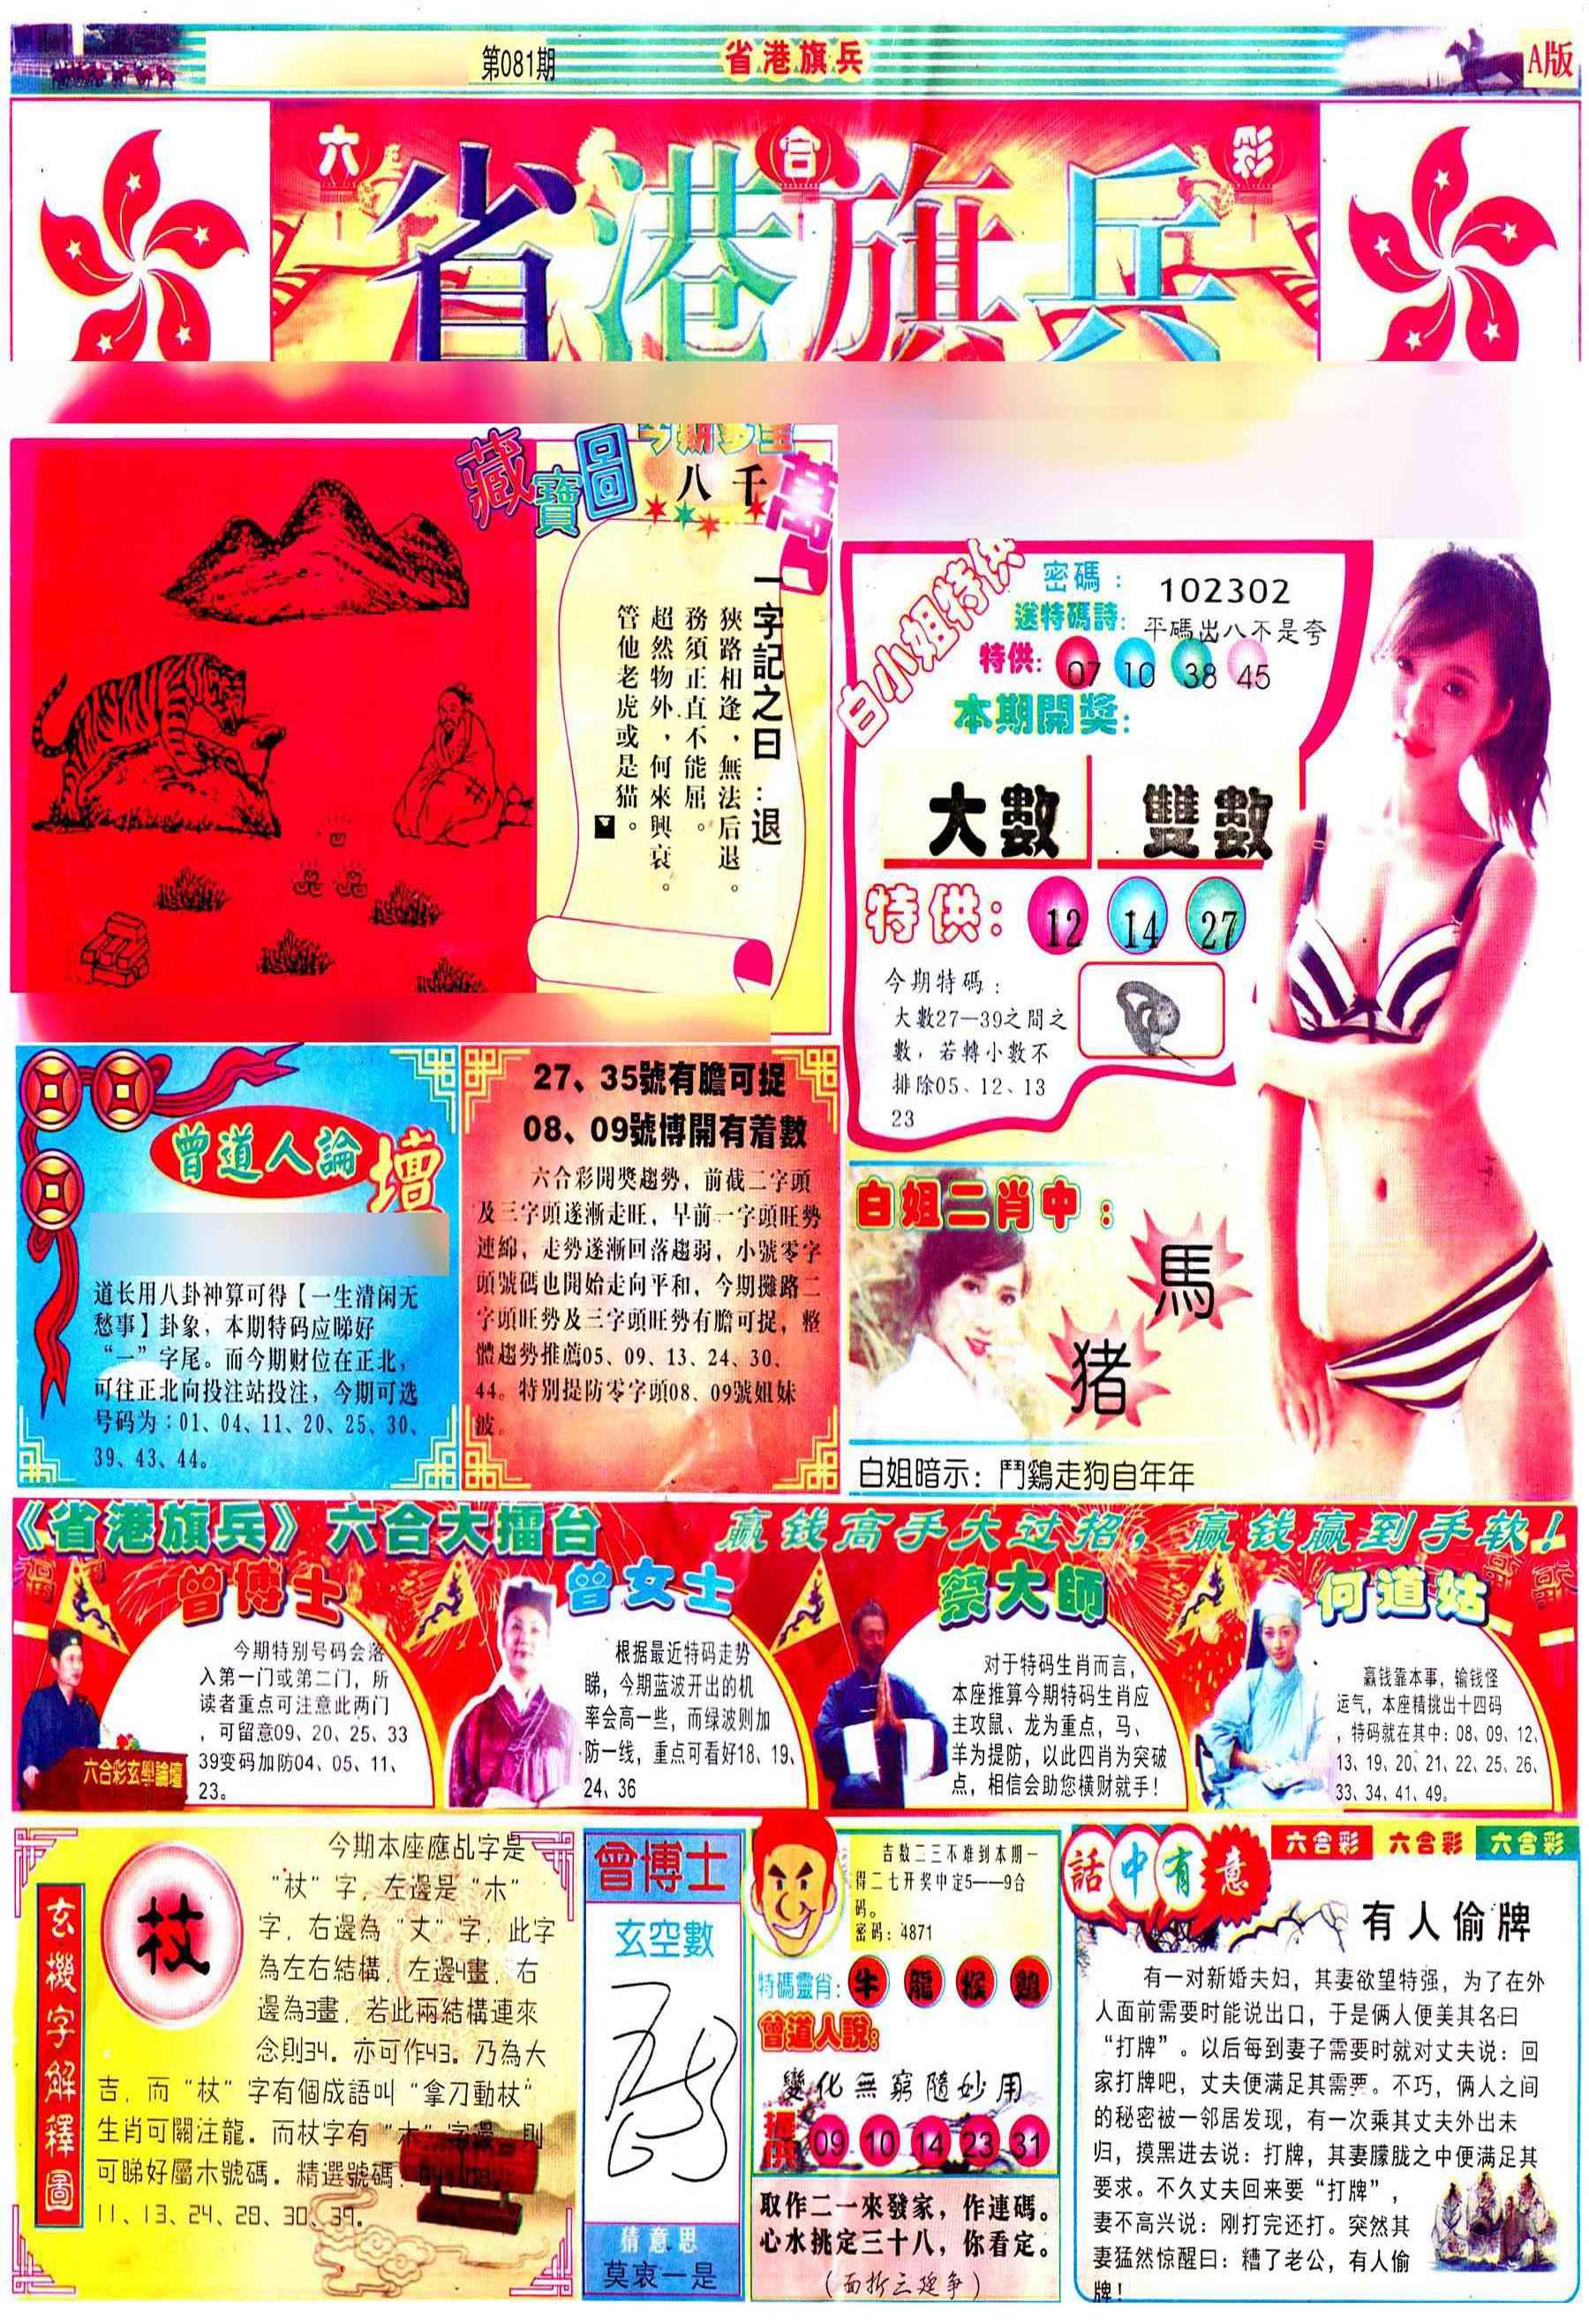 081期彩道A(保证香港版)